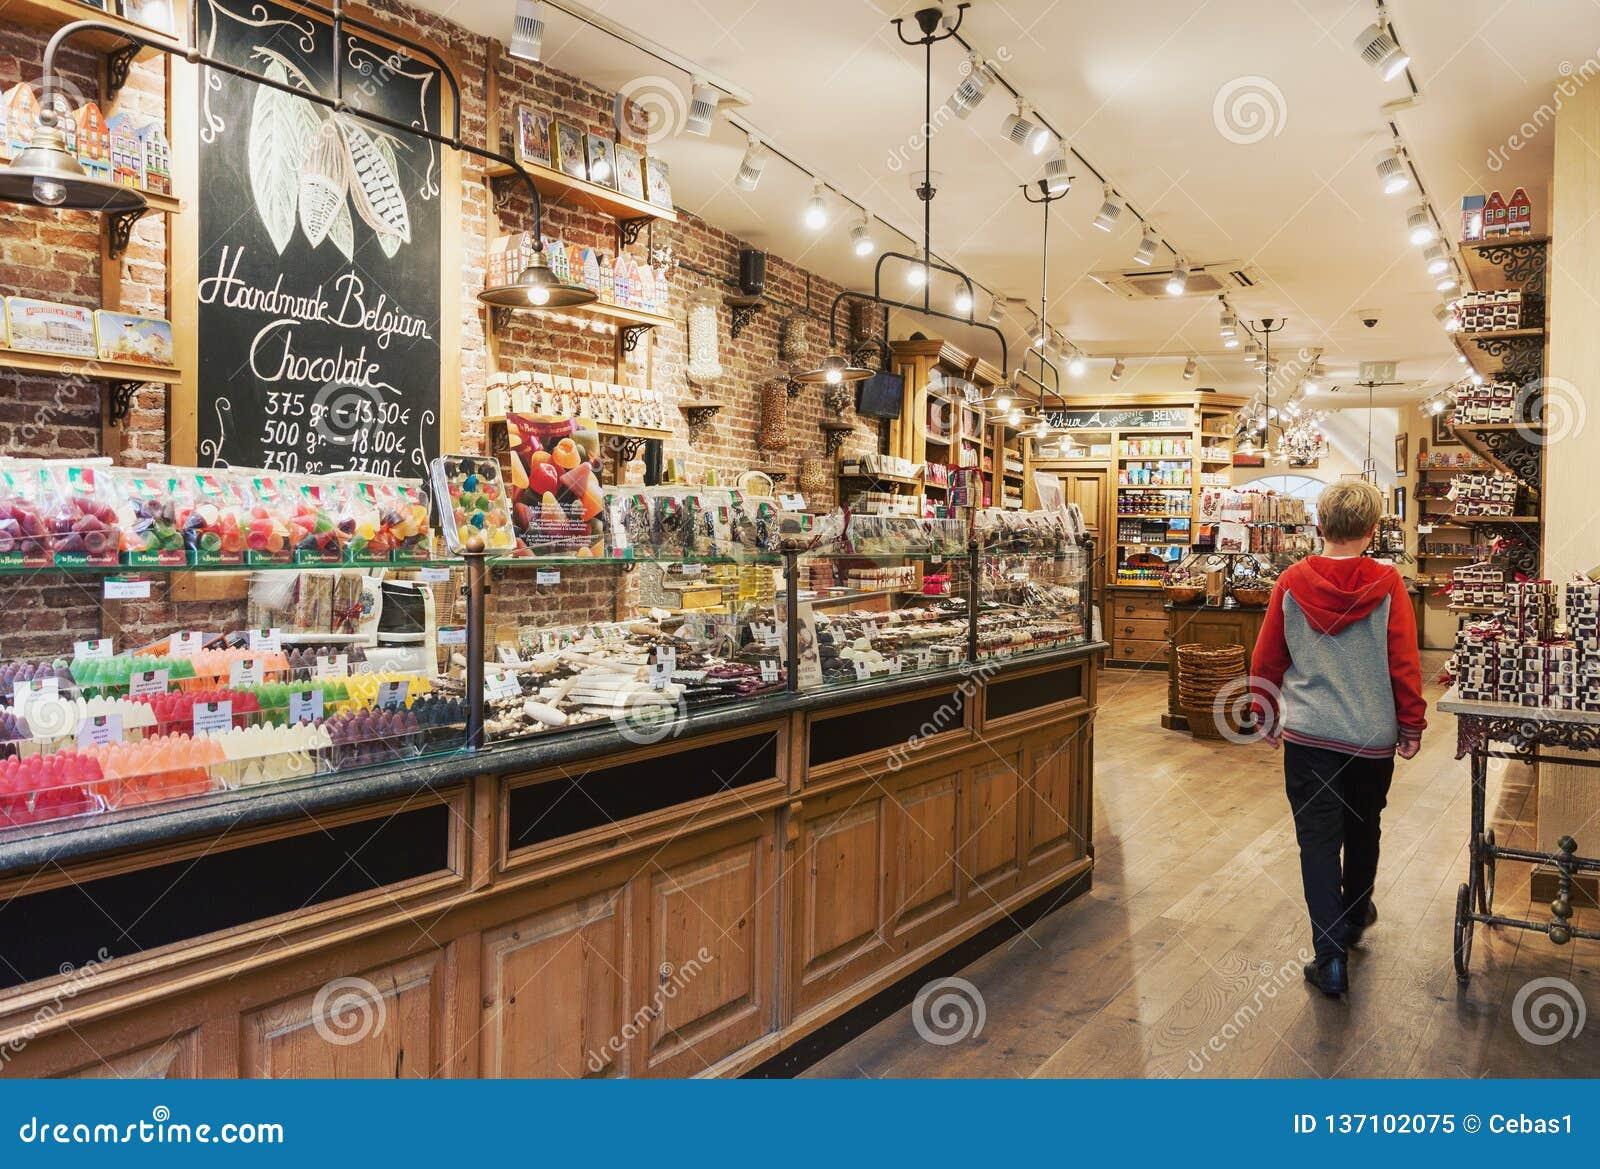 Tradycyjny wygodny Belgijski czekoladowy sklepu wnętrze z variey cukierki i cukierki